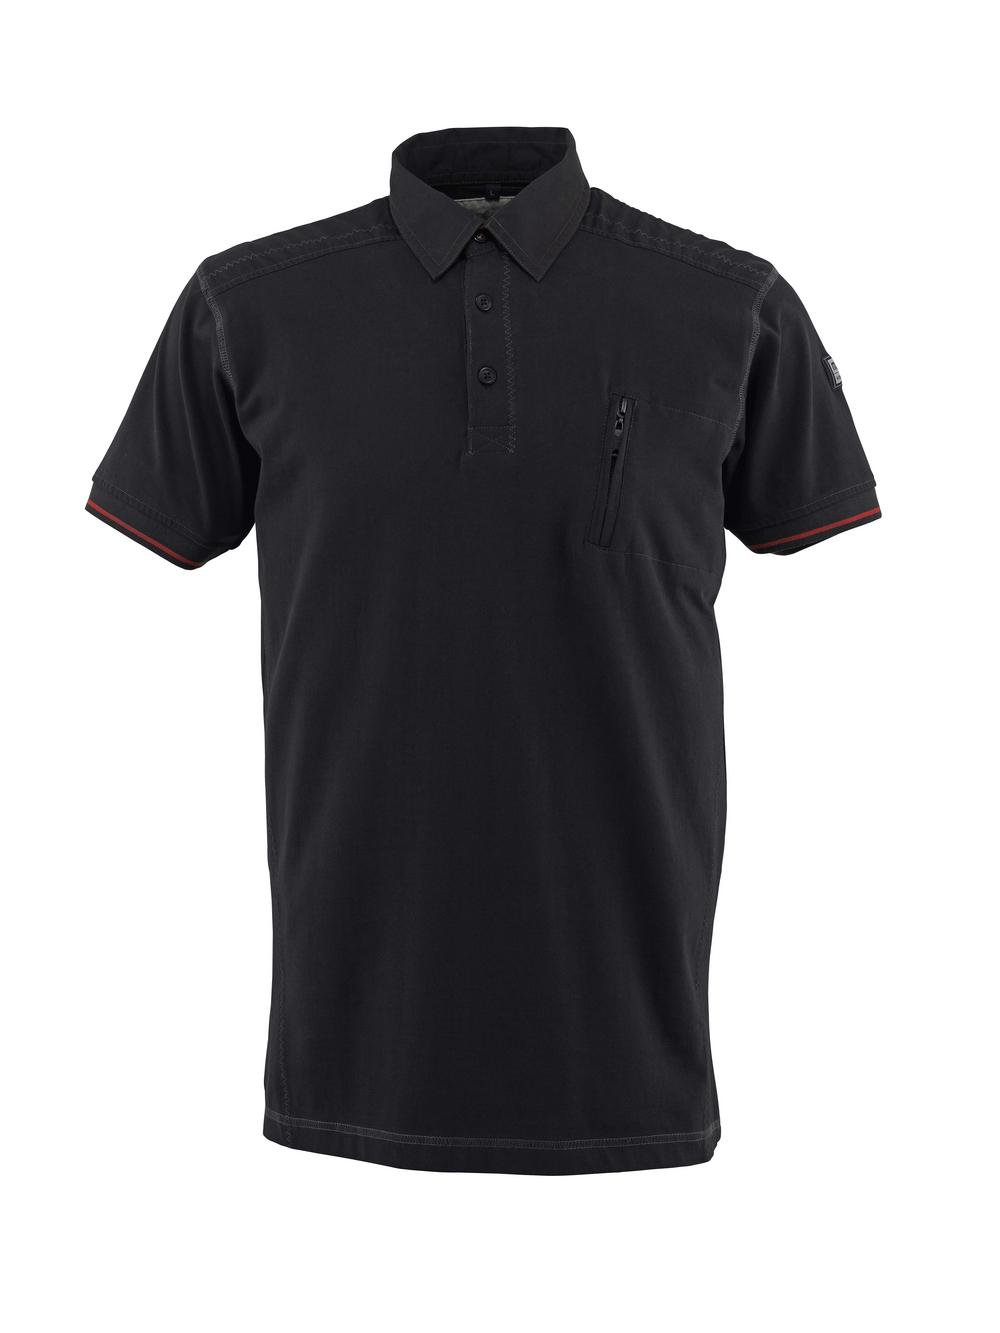 50351-833-09 Polo con bolsillo en el pecho - negro